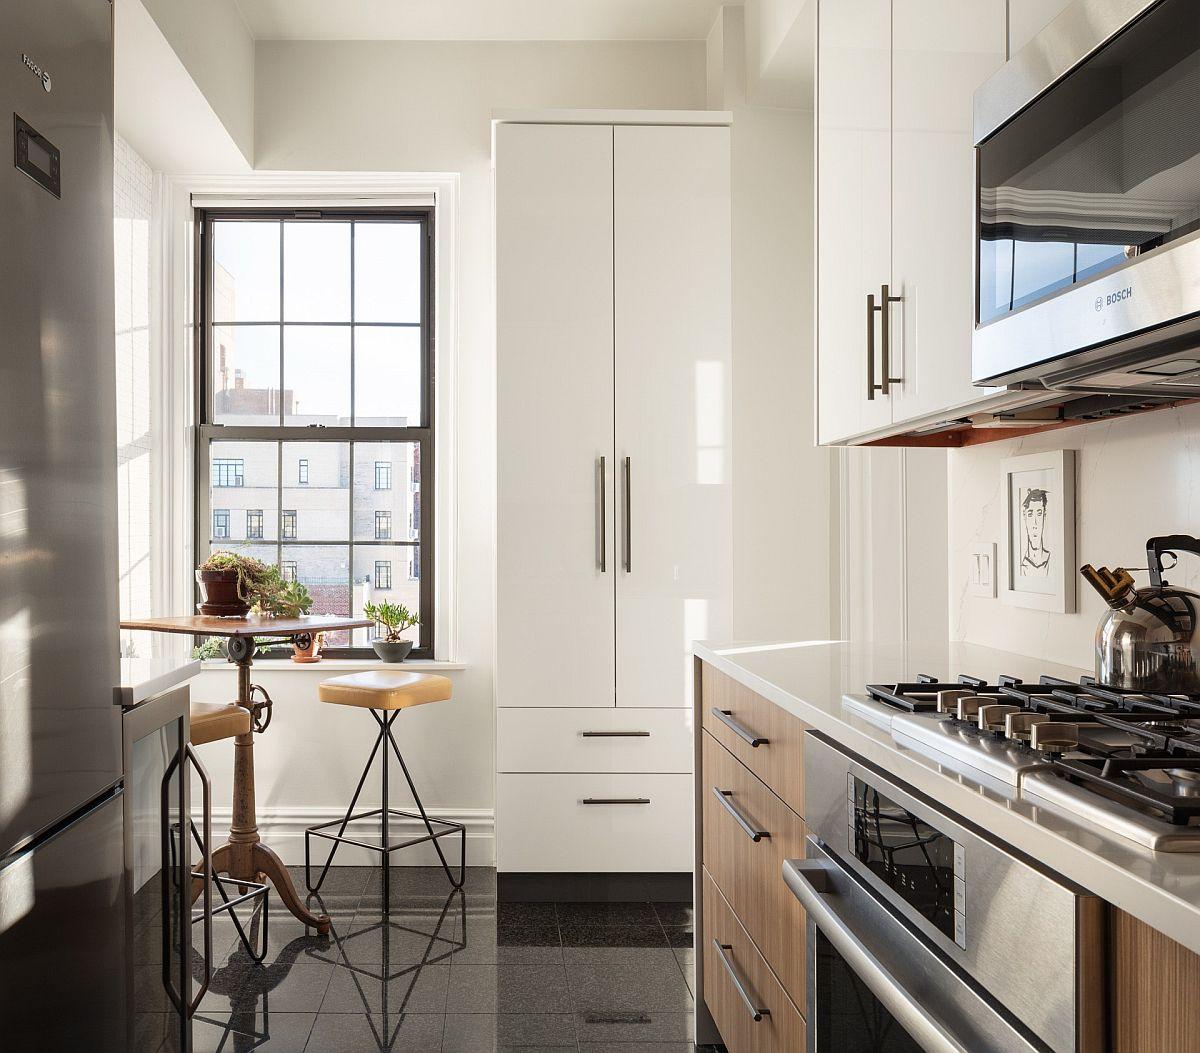 Những căn bếp nhỏ được thiết kế sáng tạo vừa đẹp vừa tiện dụng nhờ các giải pháp không ai ngờ tới - Ảnh 2.